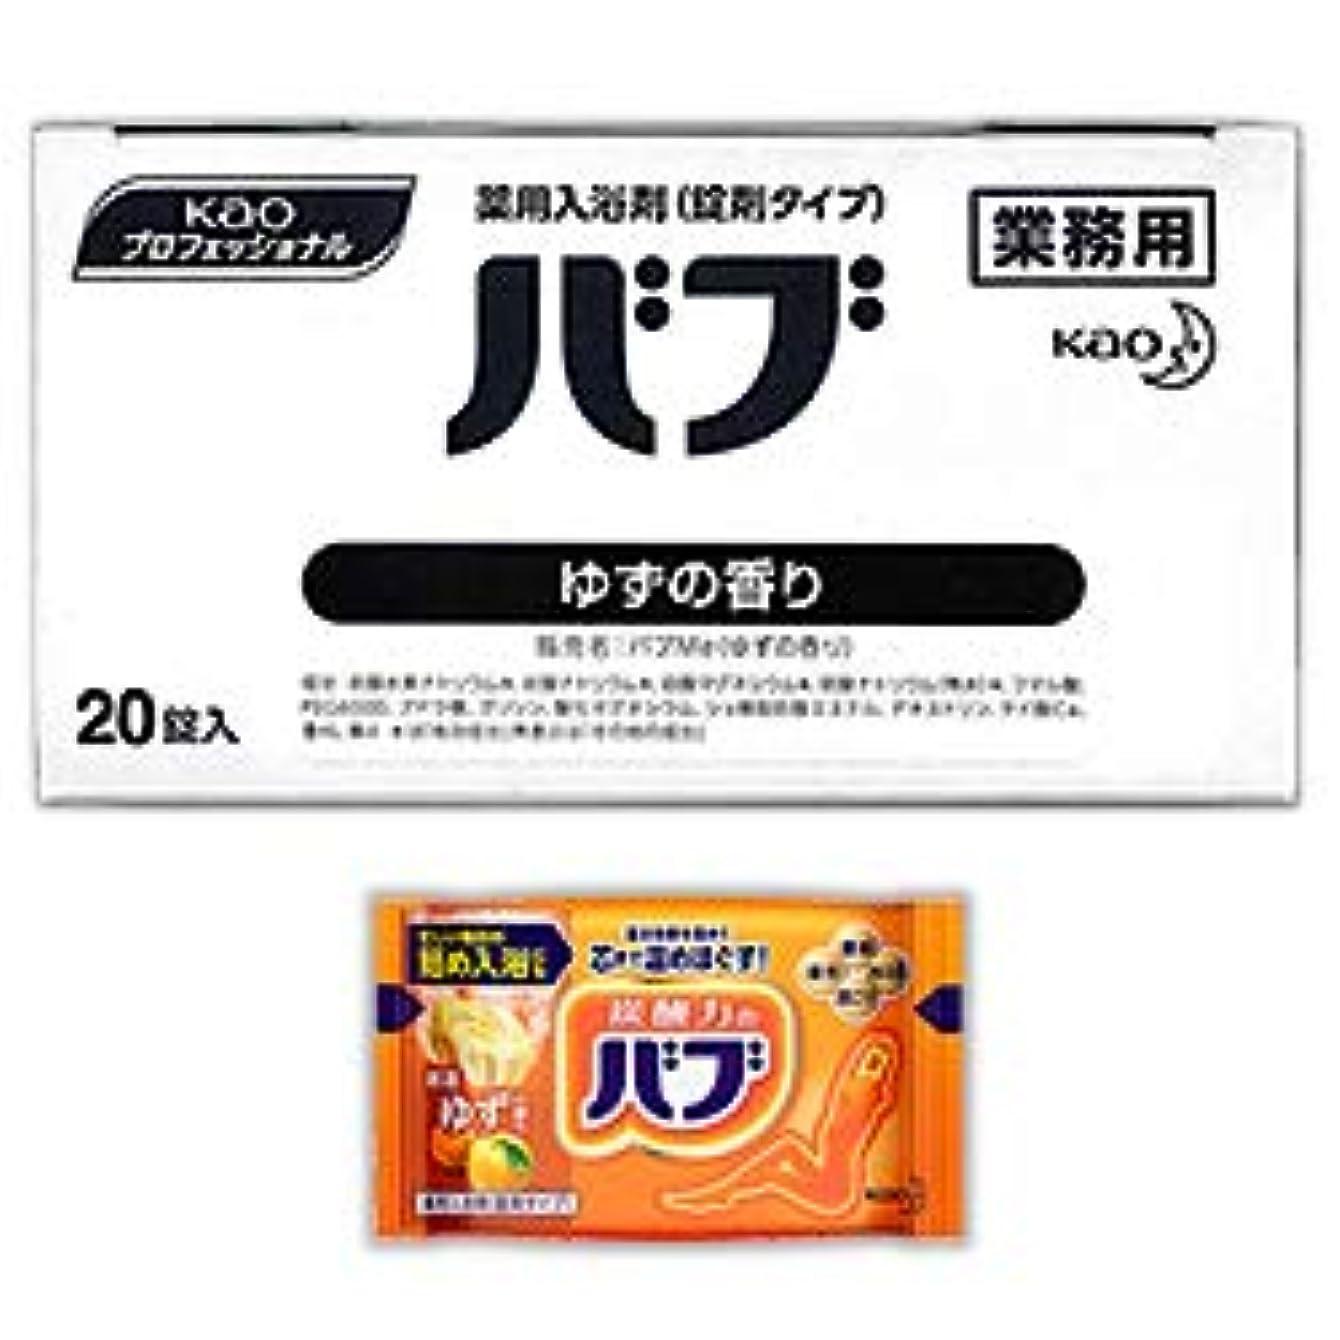 マスクサーバ不機嫌そうな【花王】Kaoプロフェッショナル バブ ゆずの香り(業務用) 40g×20錠入 ×4個セット